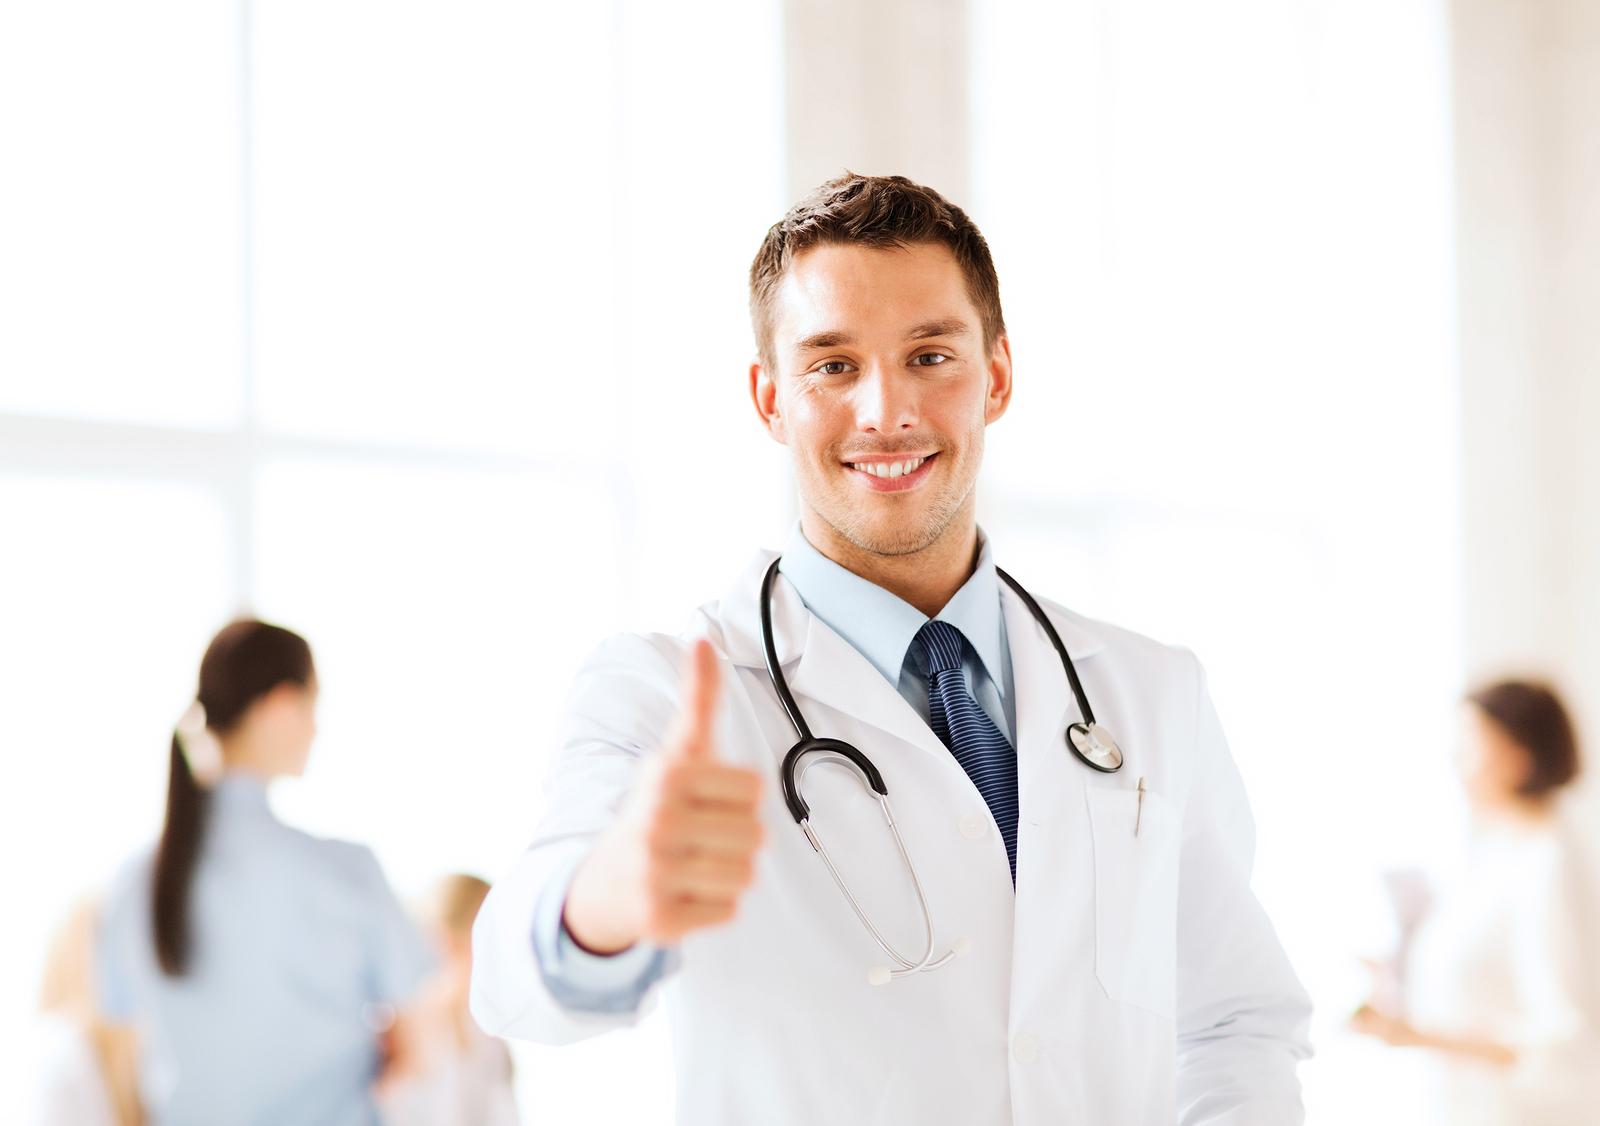 Bác sĩ là những người đáng được trân trọng